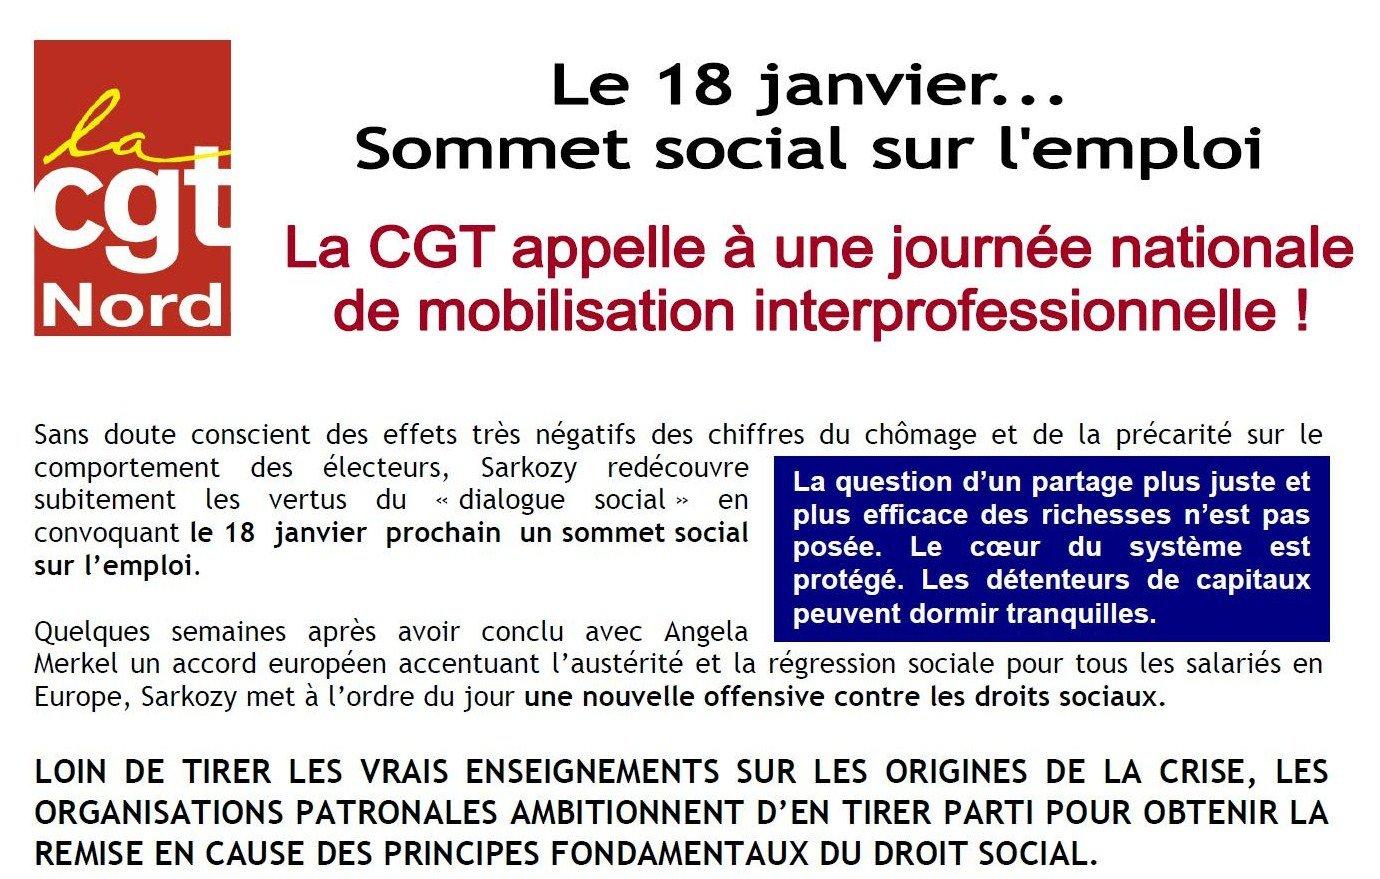 Le 18 janvier... Appel à une journée nationale de mobilisation interprofessionnelle ! dans Fiscalité 18-janvier_cgt